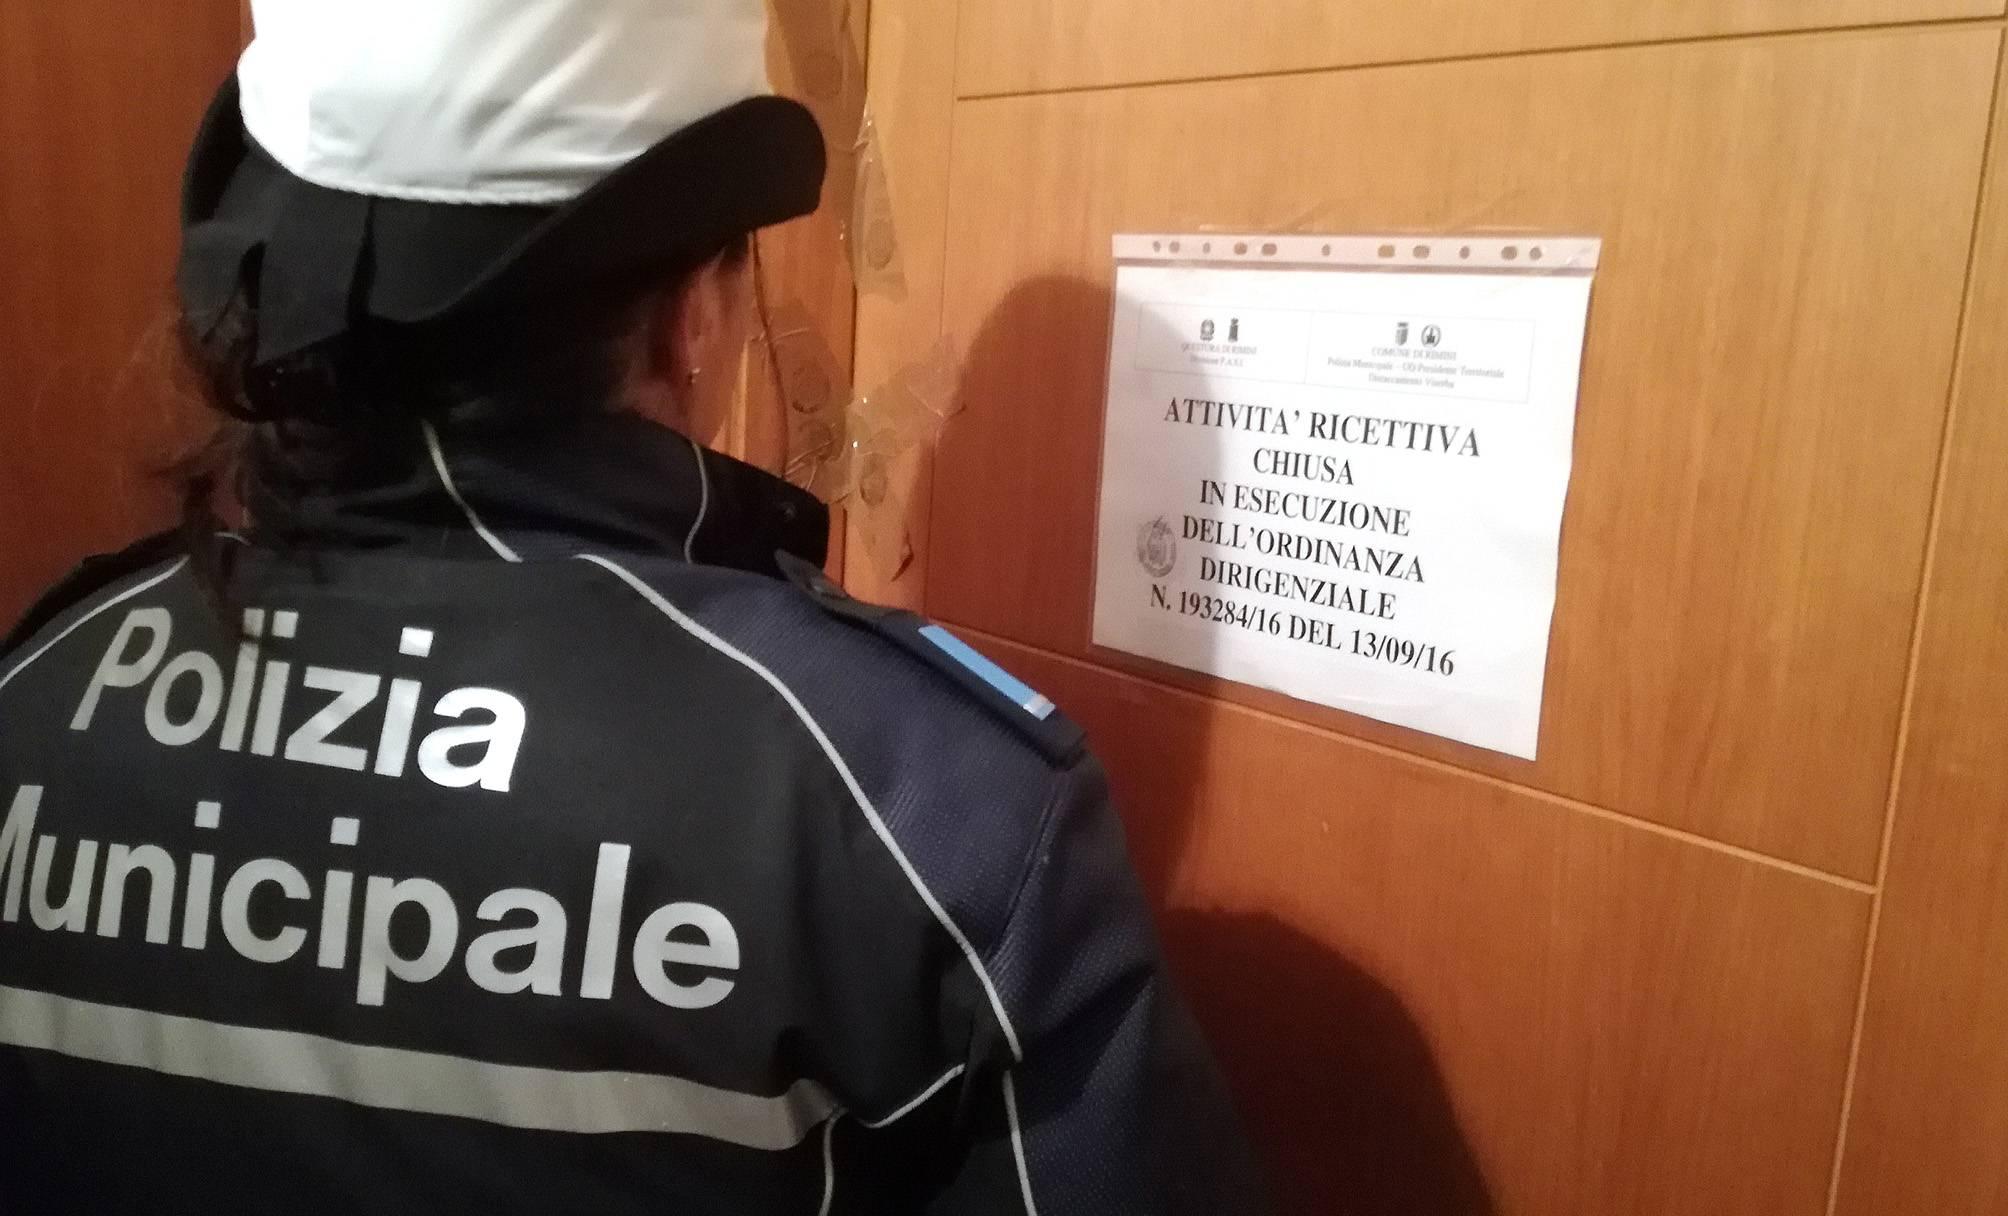 Prostituzione. La Polizia Municipale chiude un residence a Viserba